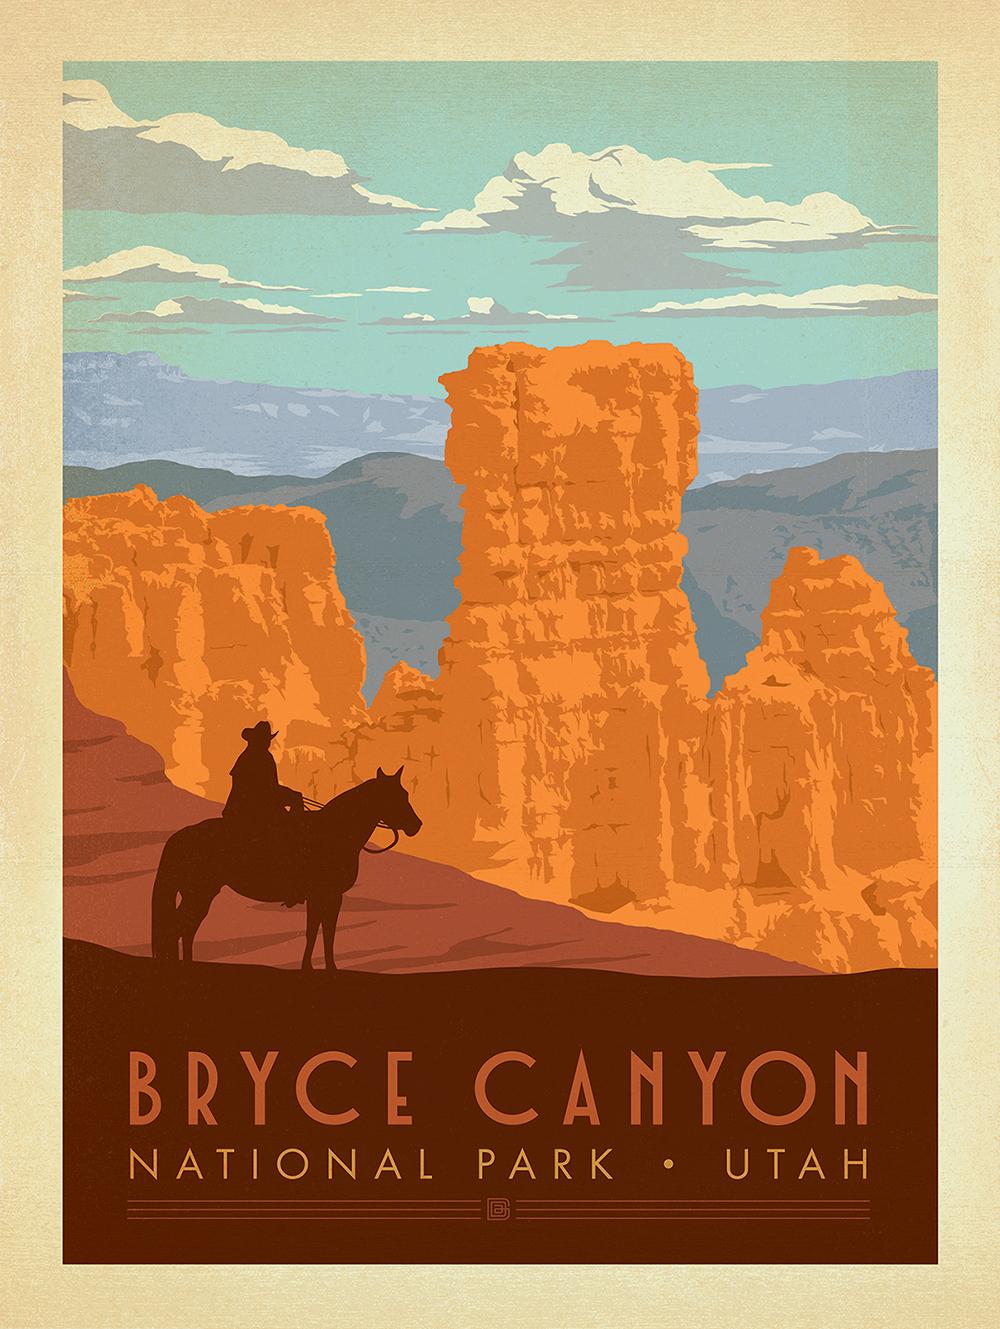 National Park no. 16, Utah, established in 1928